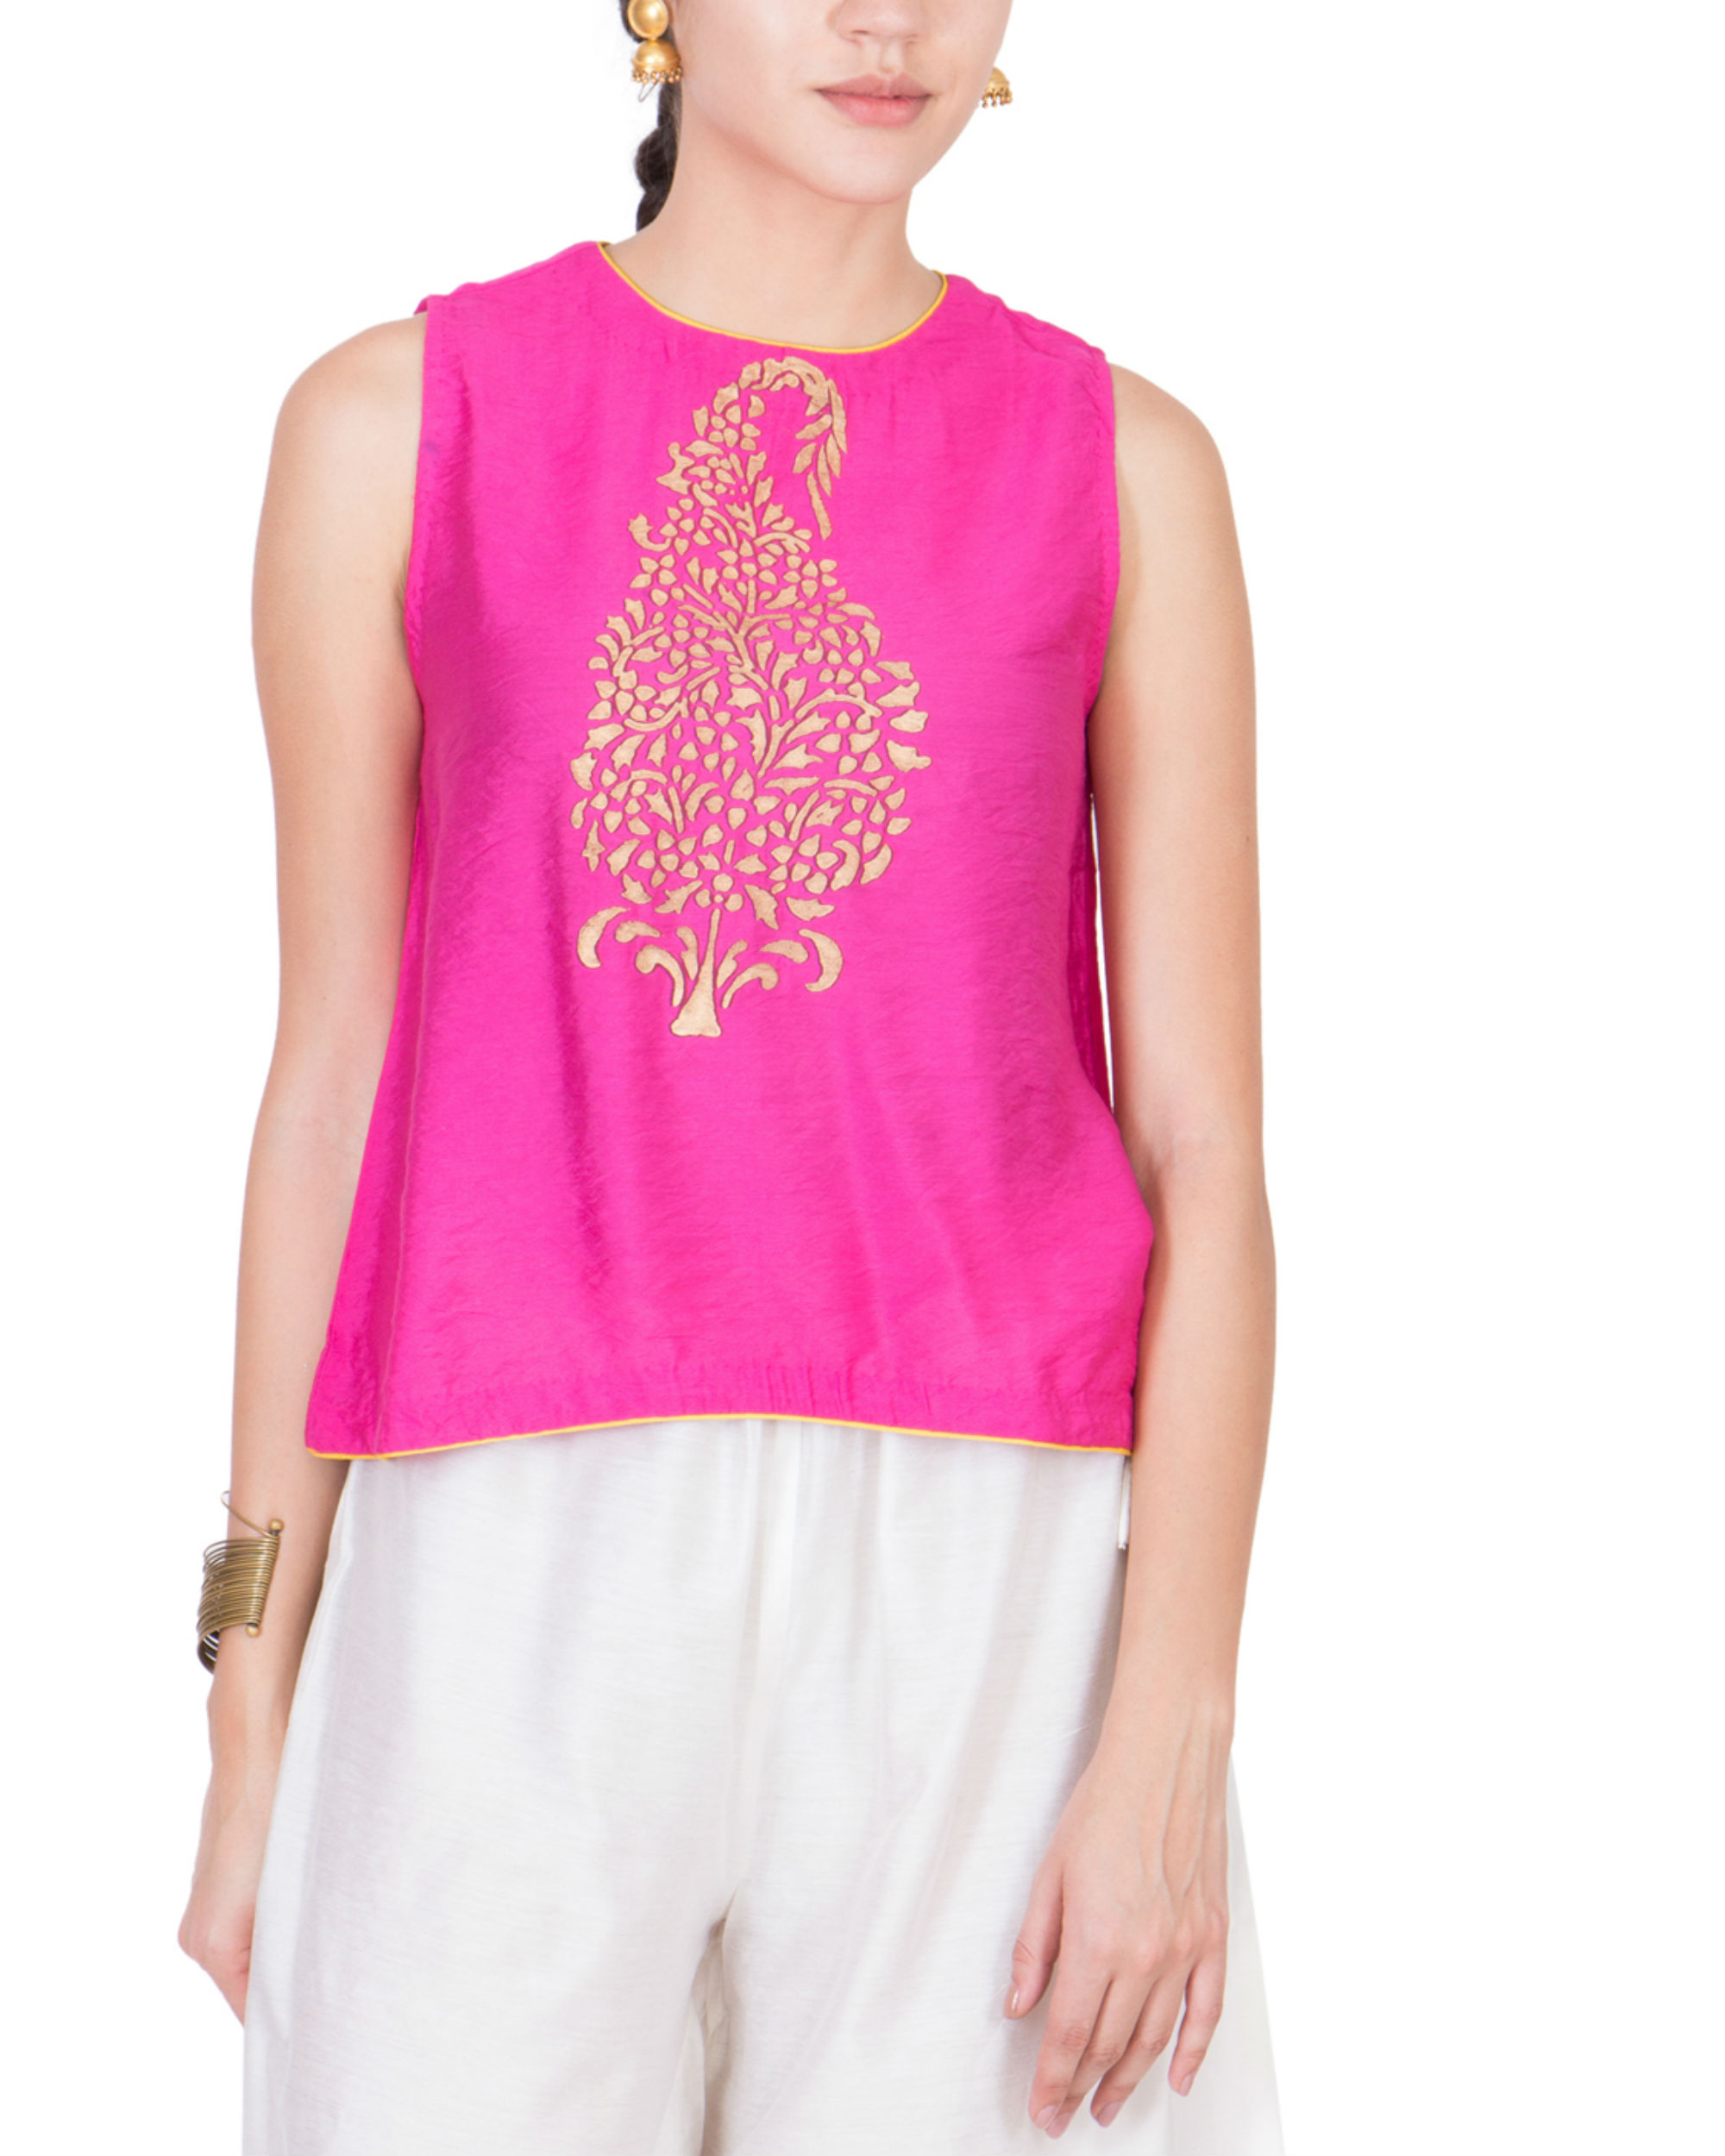 Pink block printed top